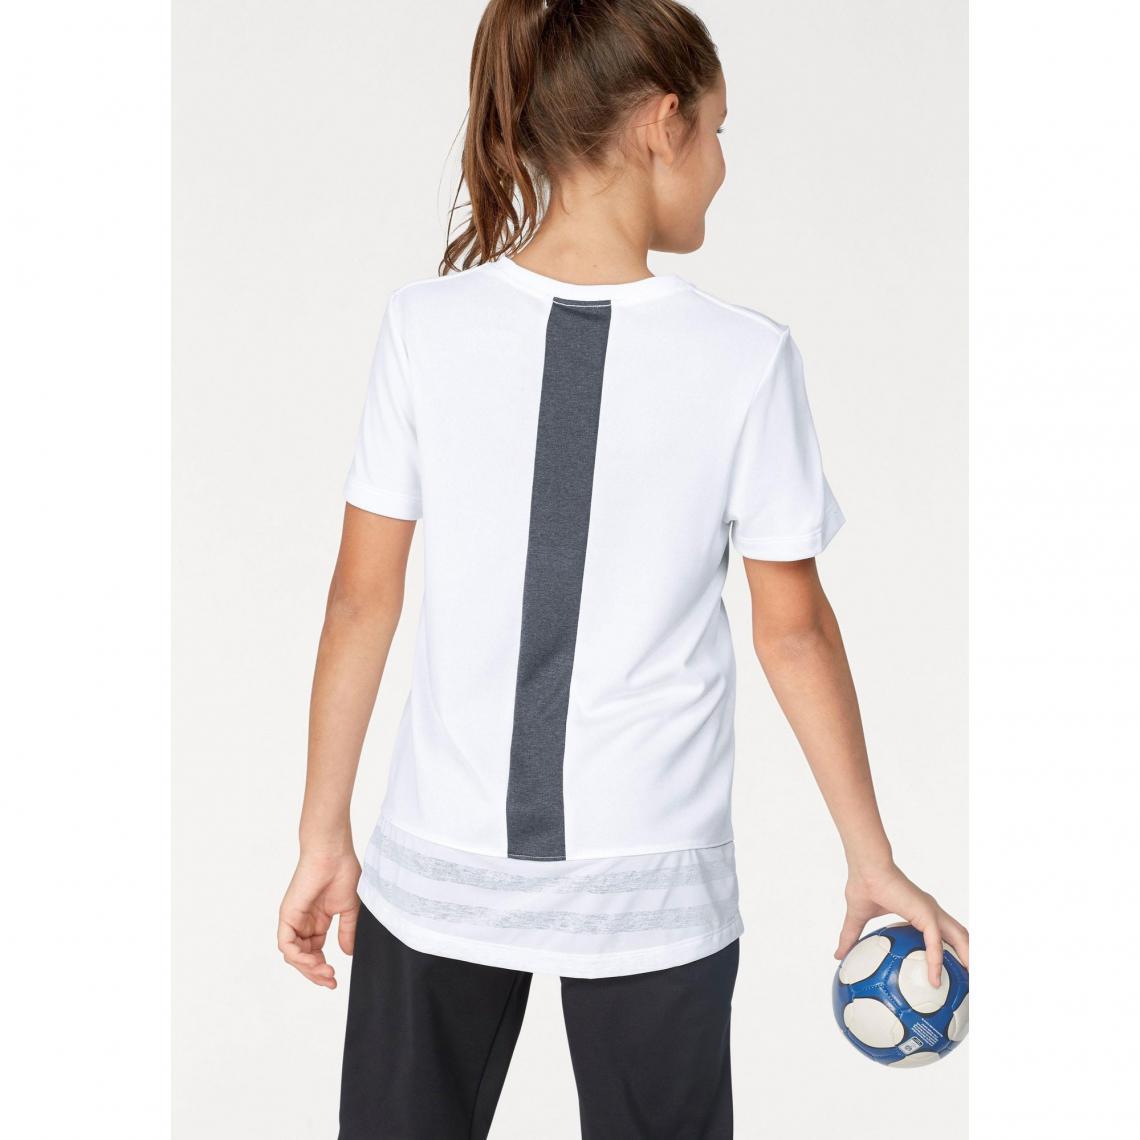 T-shirts de sport fille Nike Cliquez l image pour l agrandir. T-shirt col  rond manches courtes fille Dri-FIT® ... 884f01ad695